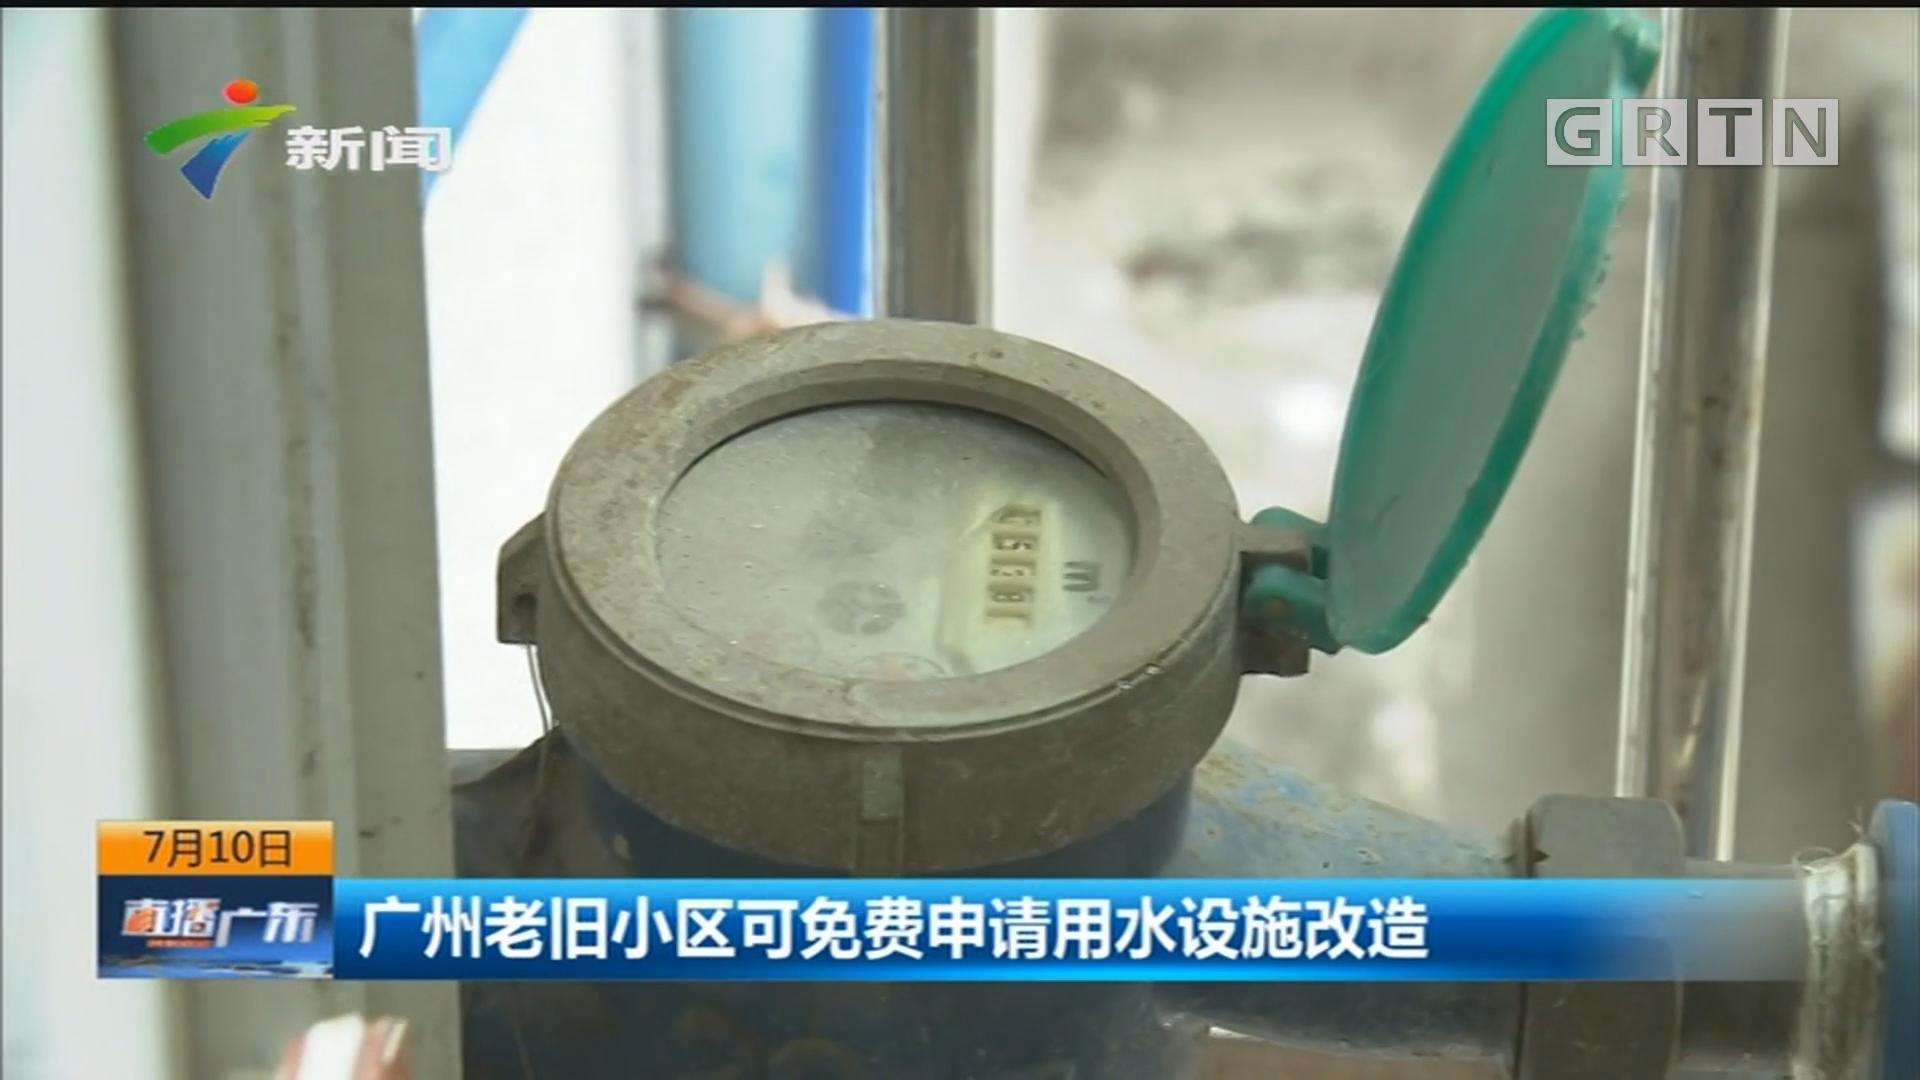 广州老旧小区可免费申请用水设施改造